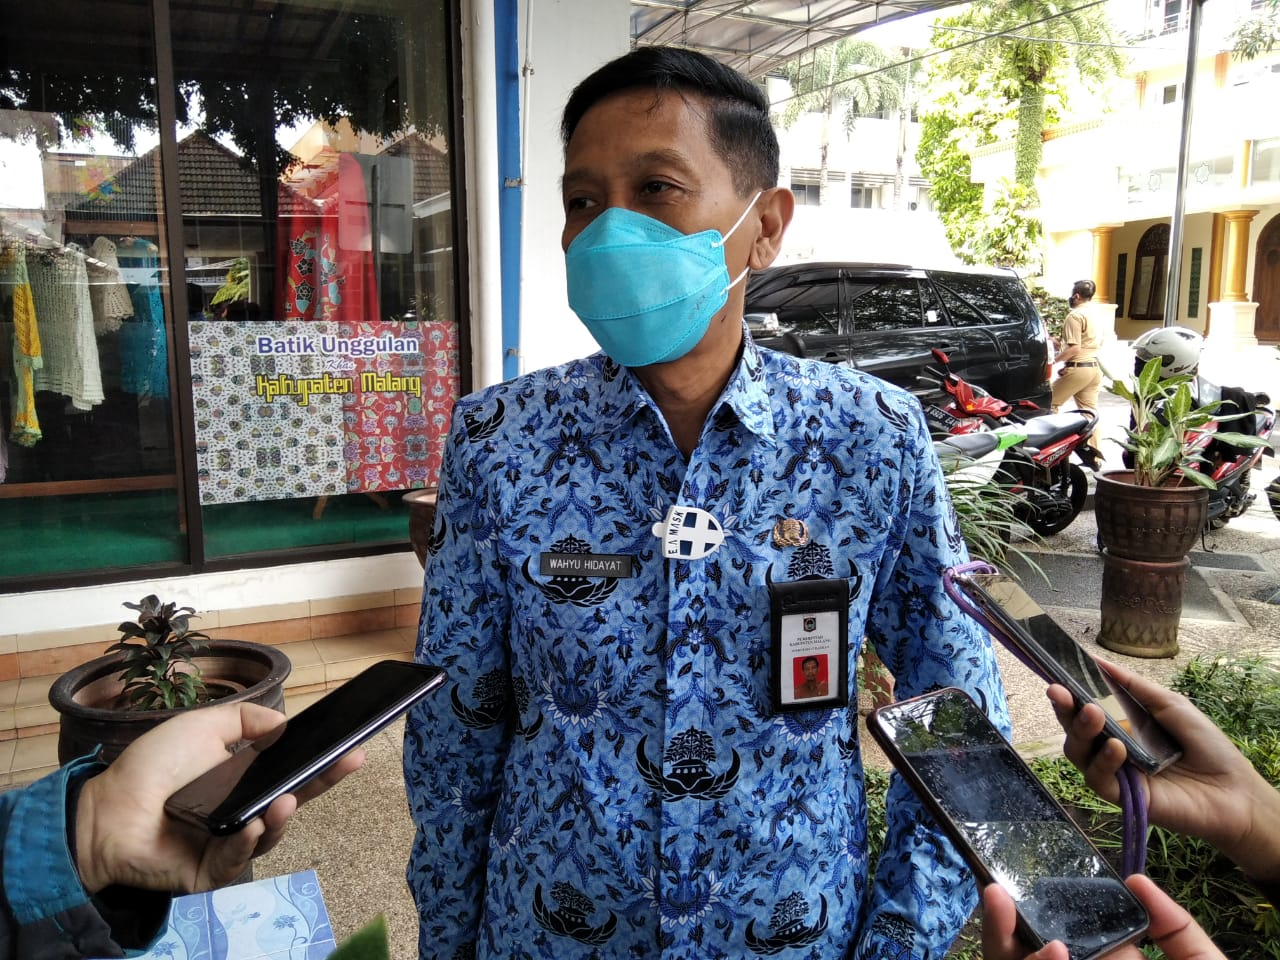 Sekretaris Daerah (Sekda) Kabupaten Malang Wahyu Hidayat berbicara mengenai PPKM tahap kedua sesuai Inmendagri. (Foto: Rap/Tugu Jatim)